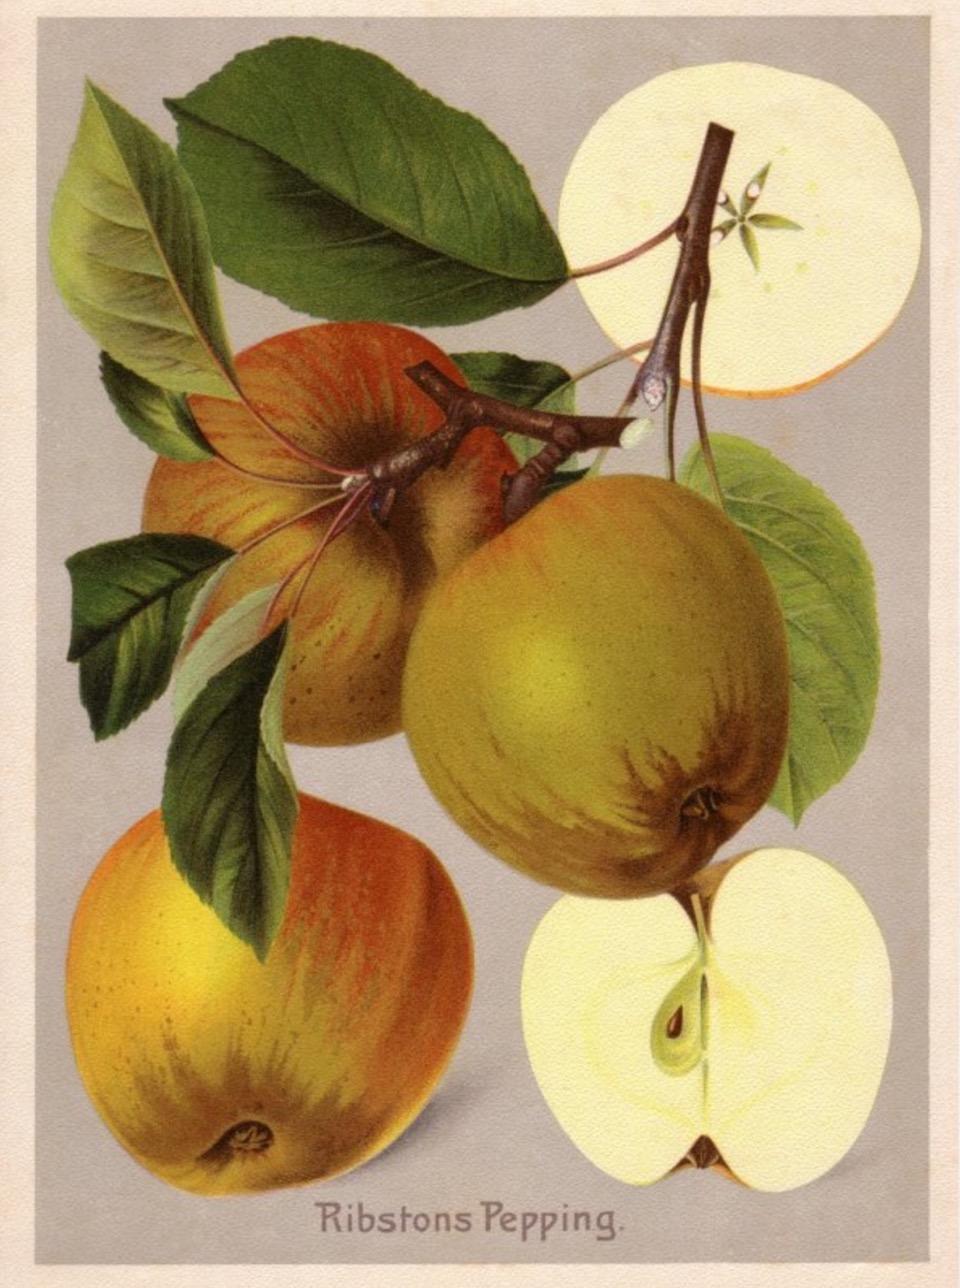 Historische Abbildung mehrerer bräunlich-gelbroter Äpfel am Zweig mit Blättern und zweier aufgeschnittener Äpfel; BUND Lemgo Obstsortendatenbank